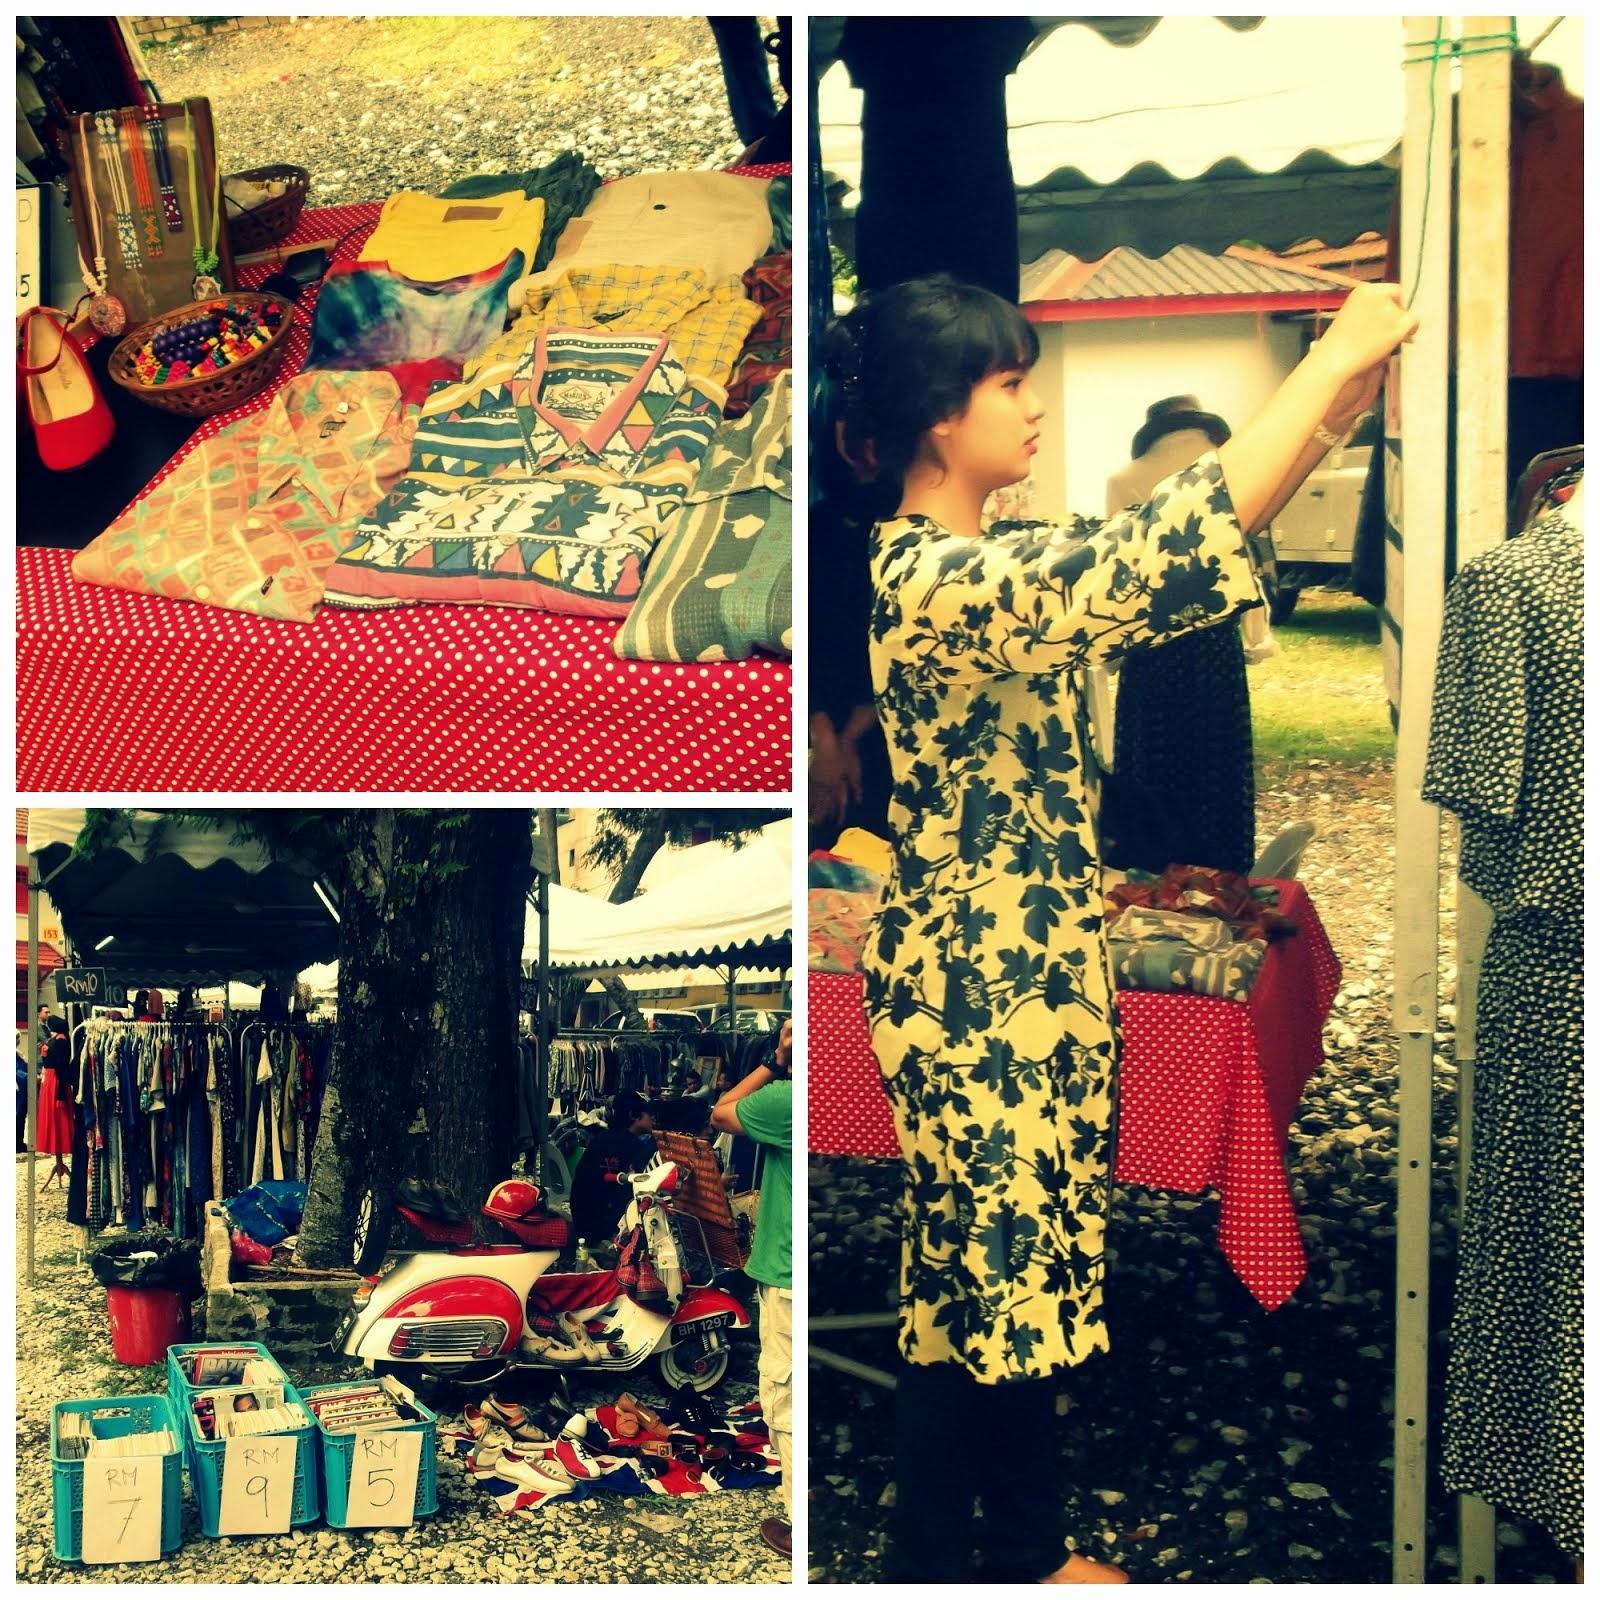 KL Vintage Festival 2012